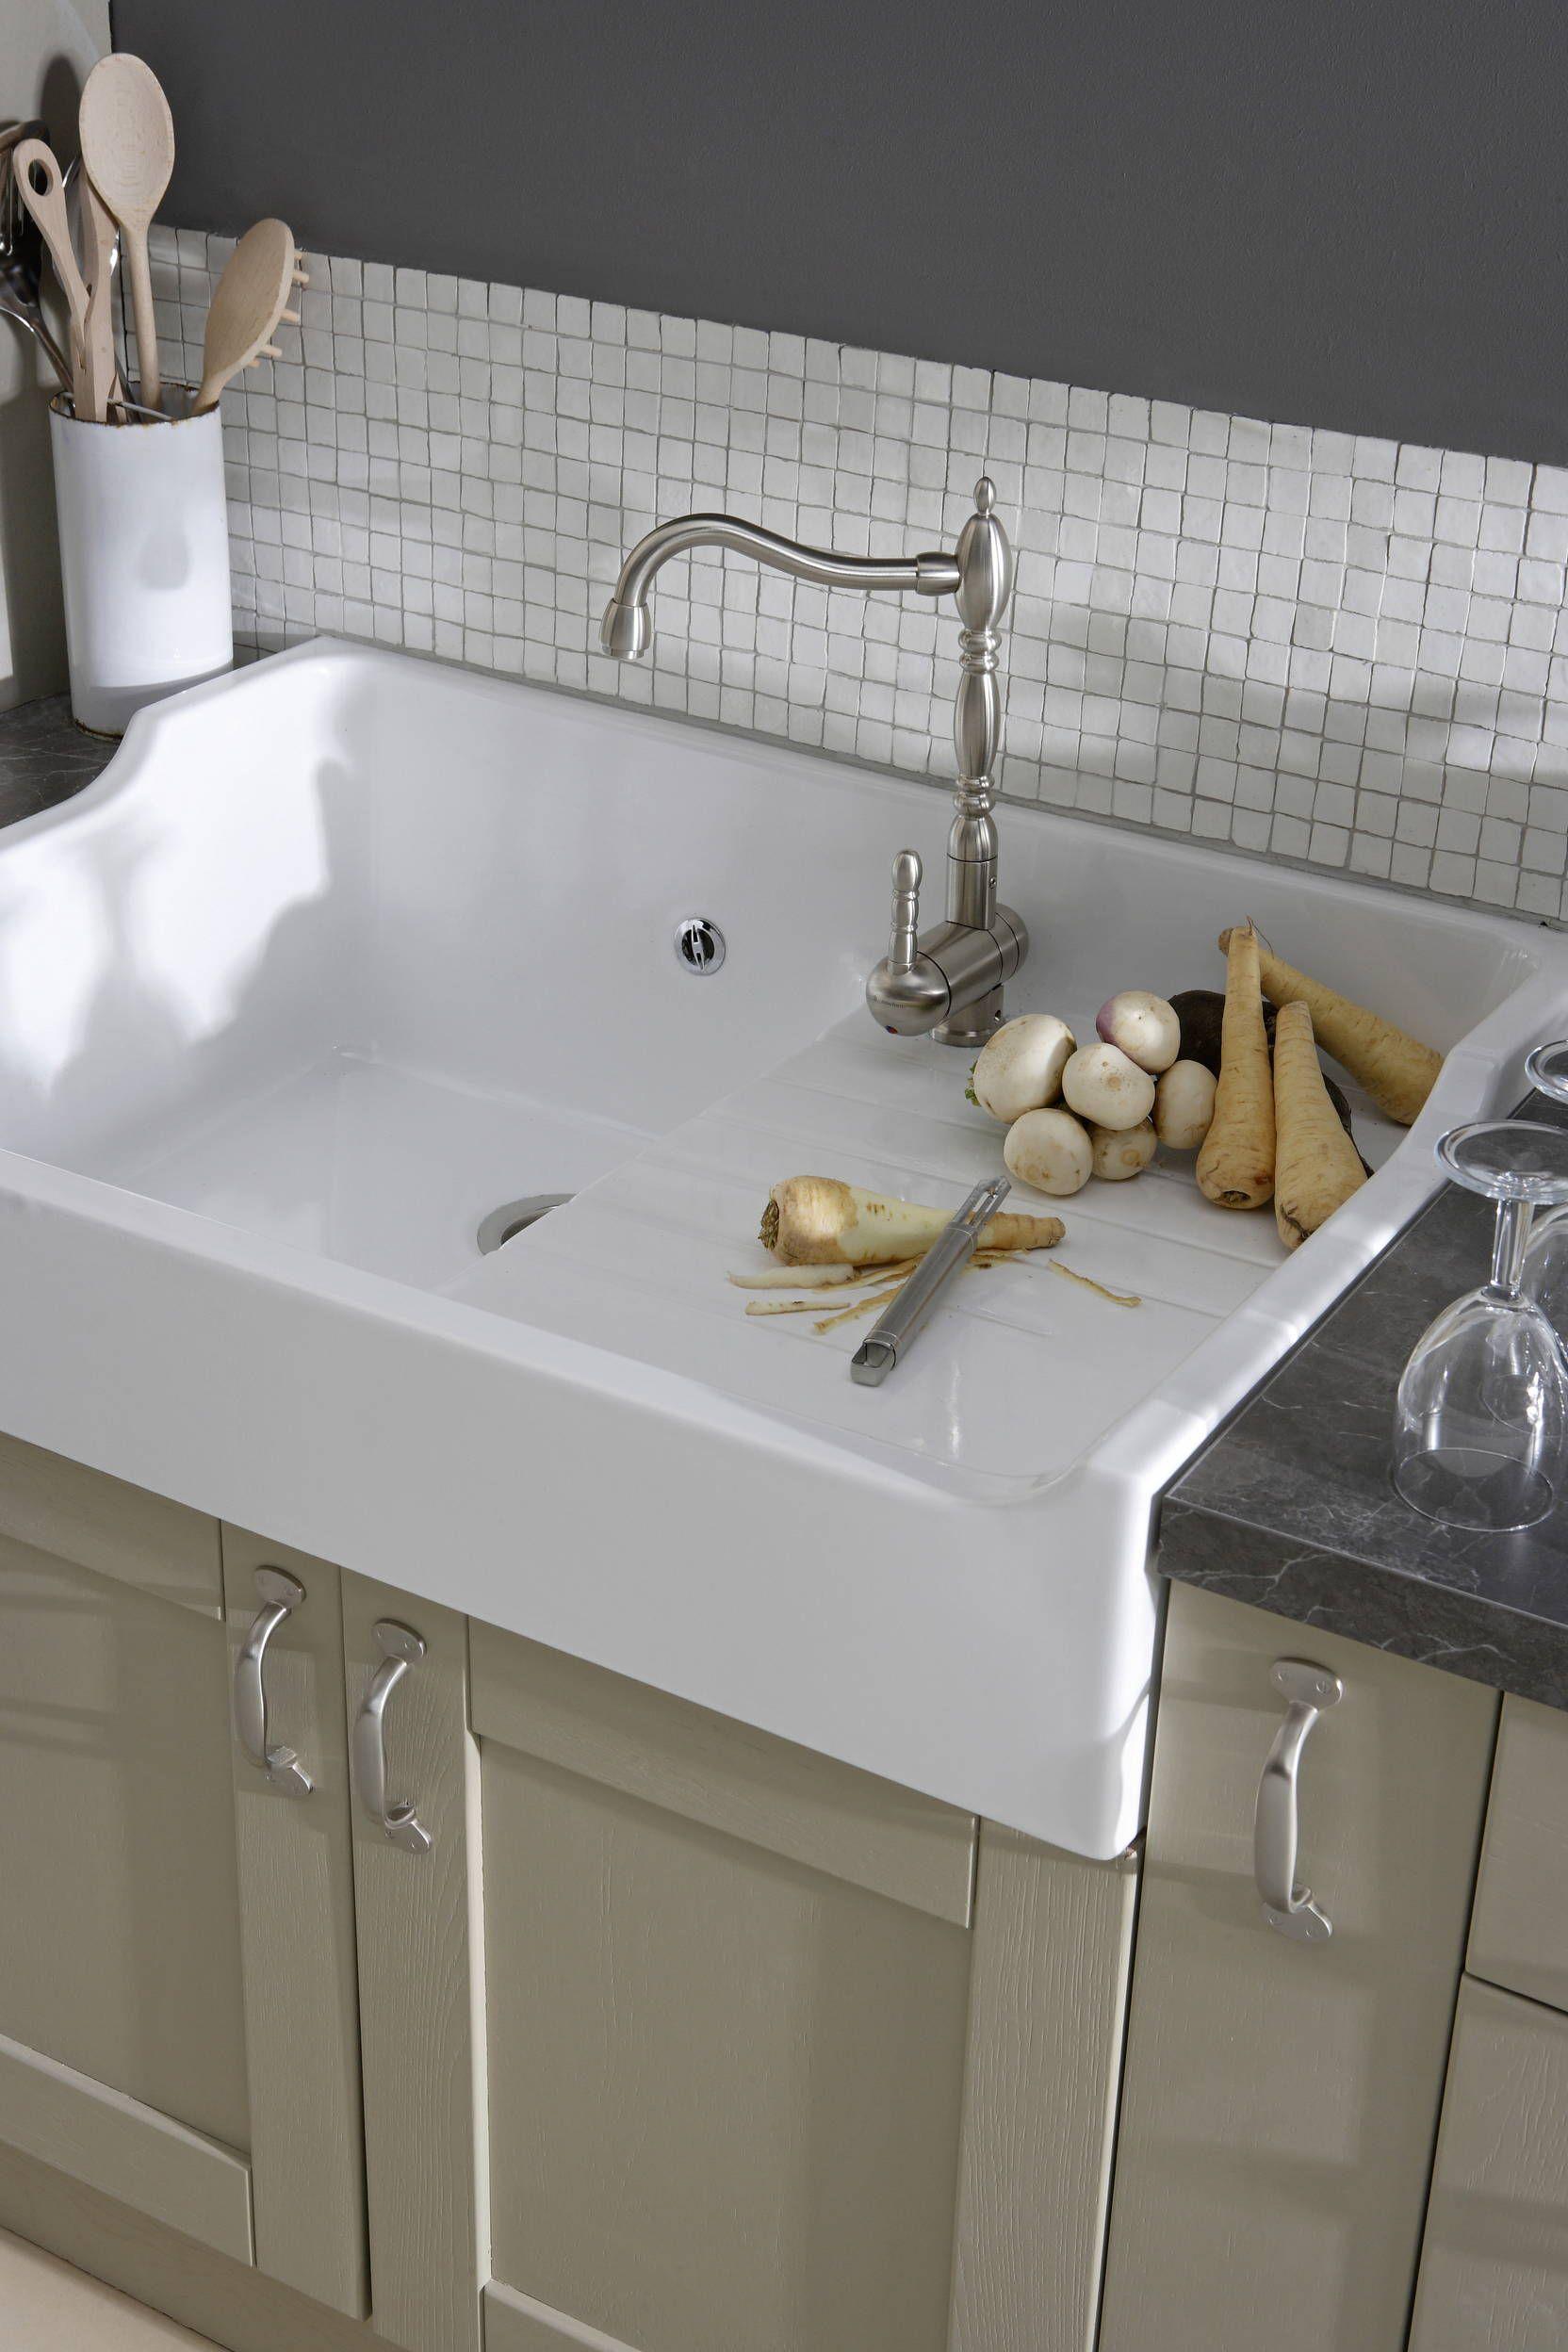 un ensemble harmonieux de l à vier et de la robinetterie cuisine